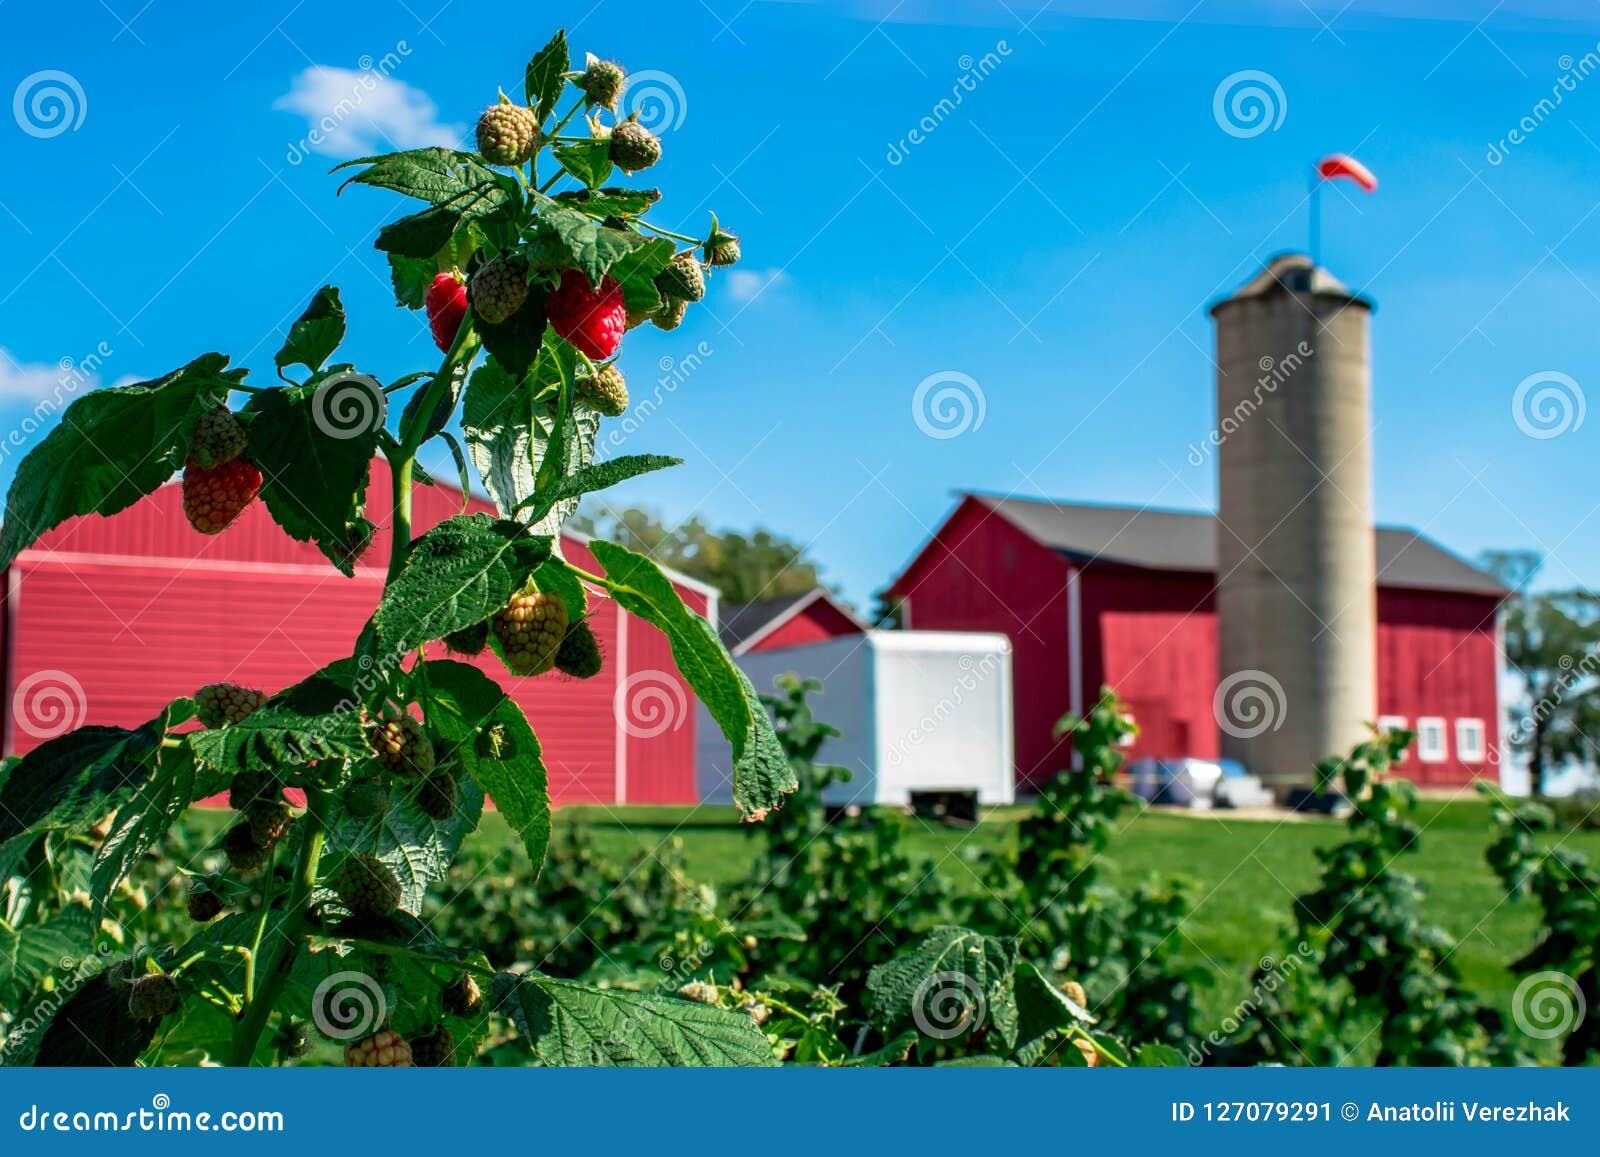 Himbeerbusch im Bauernhof